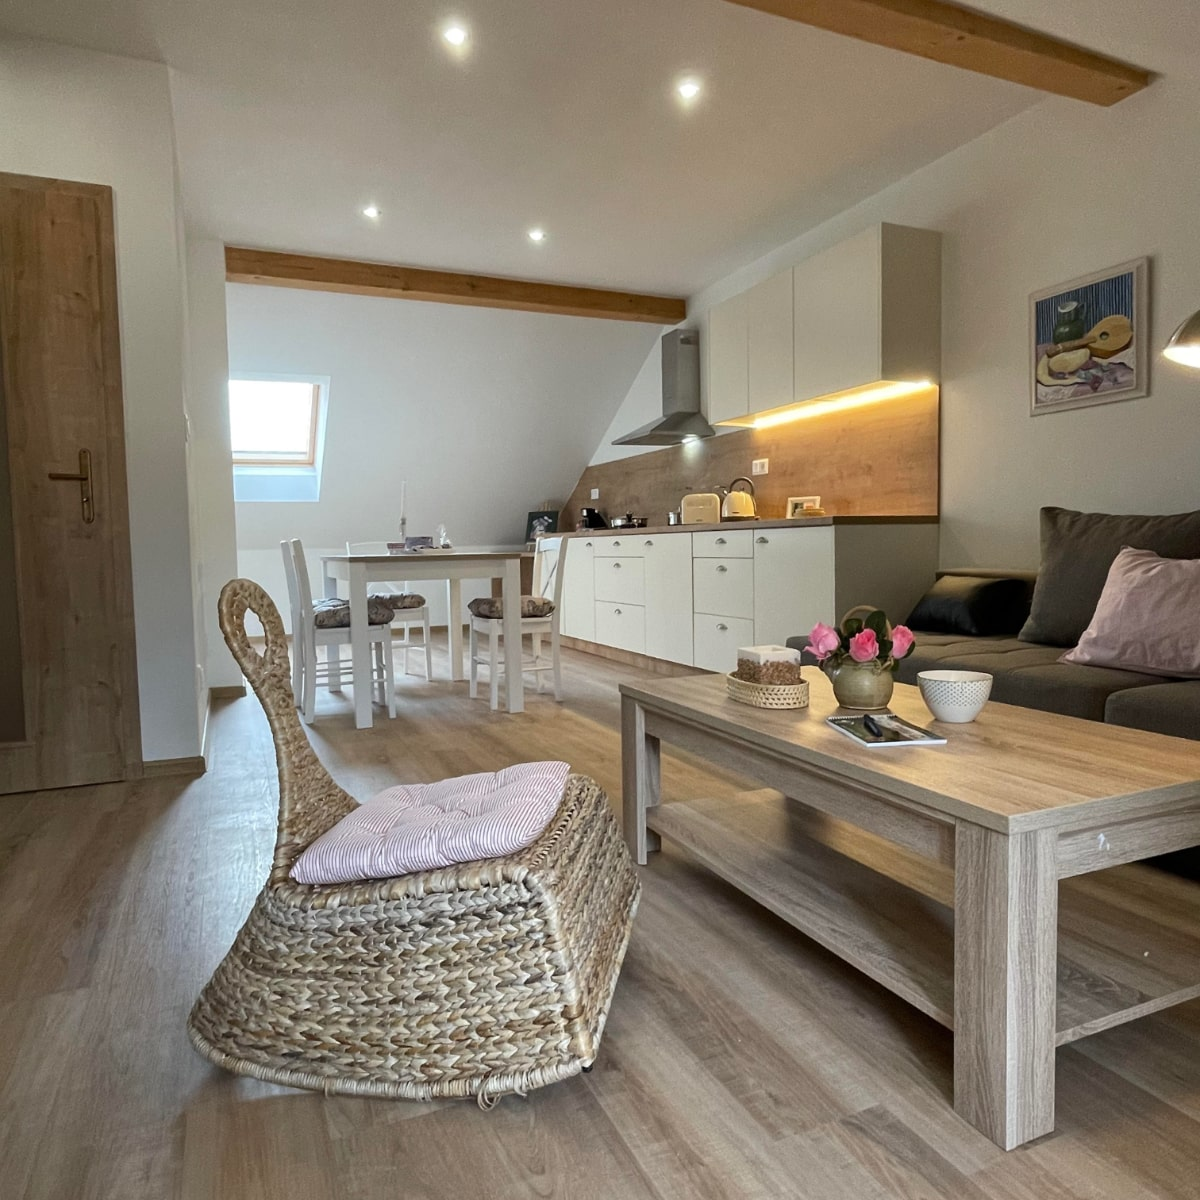 Apartmán Attic - obývací kout s kuchyní a jídelním stolem